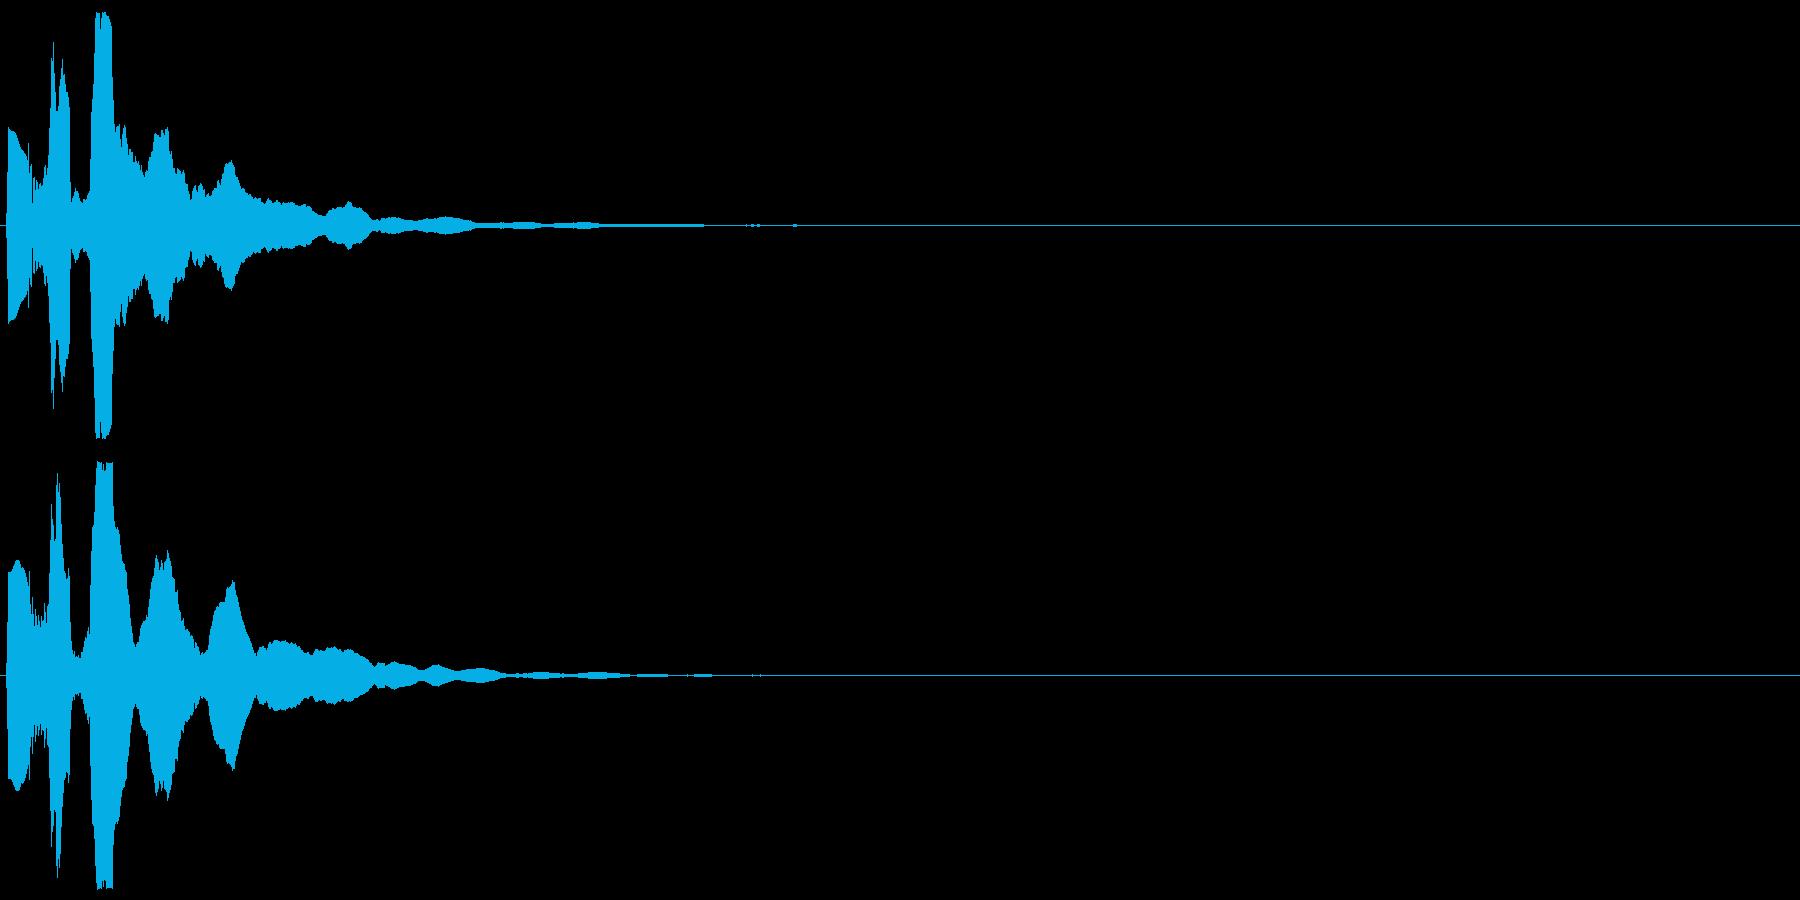 「表示」キャプション/テロップ_000の再生済みの波形